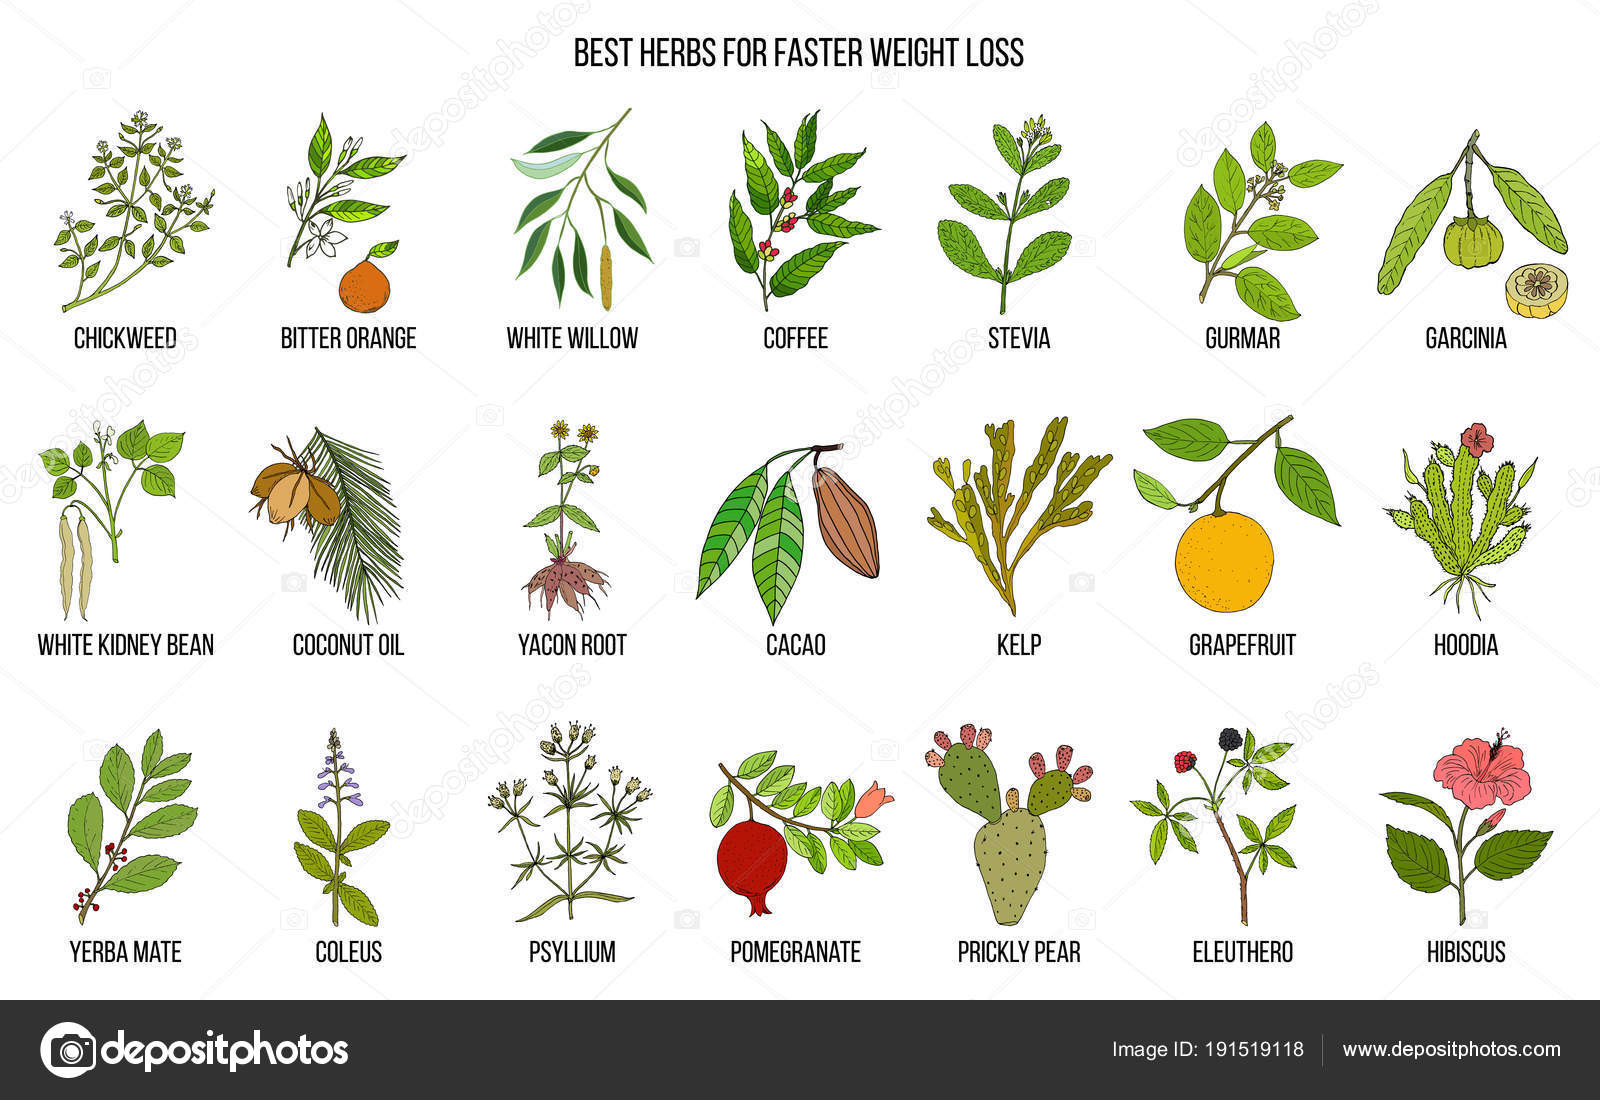 hierbas para bajar de peso